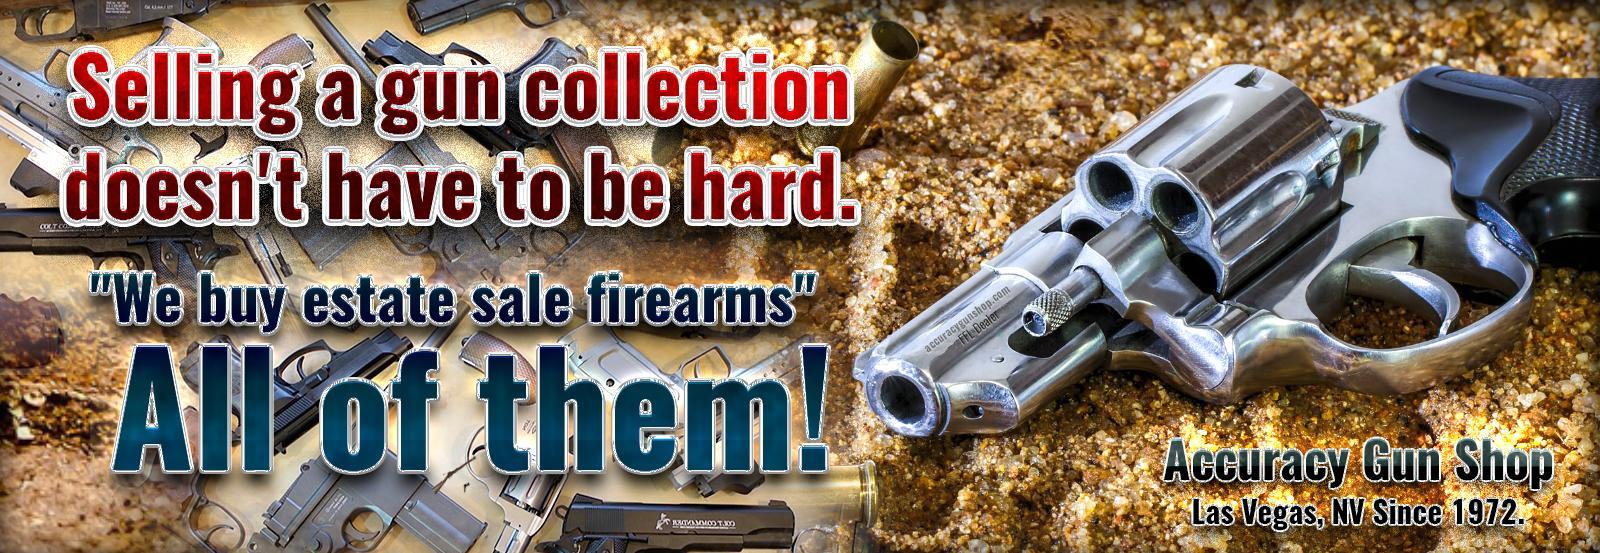 k_january_-_accuracy_gun_shop